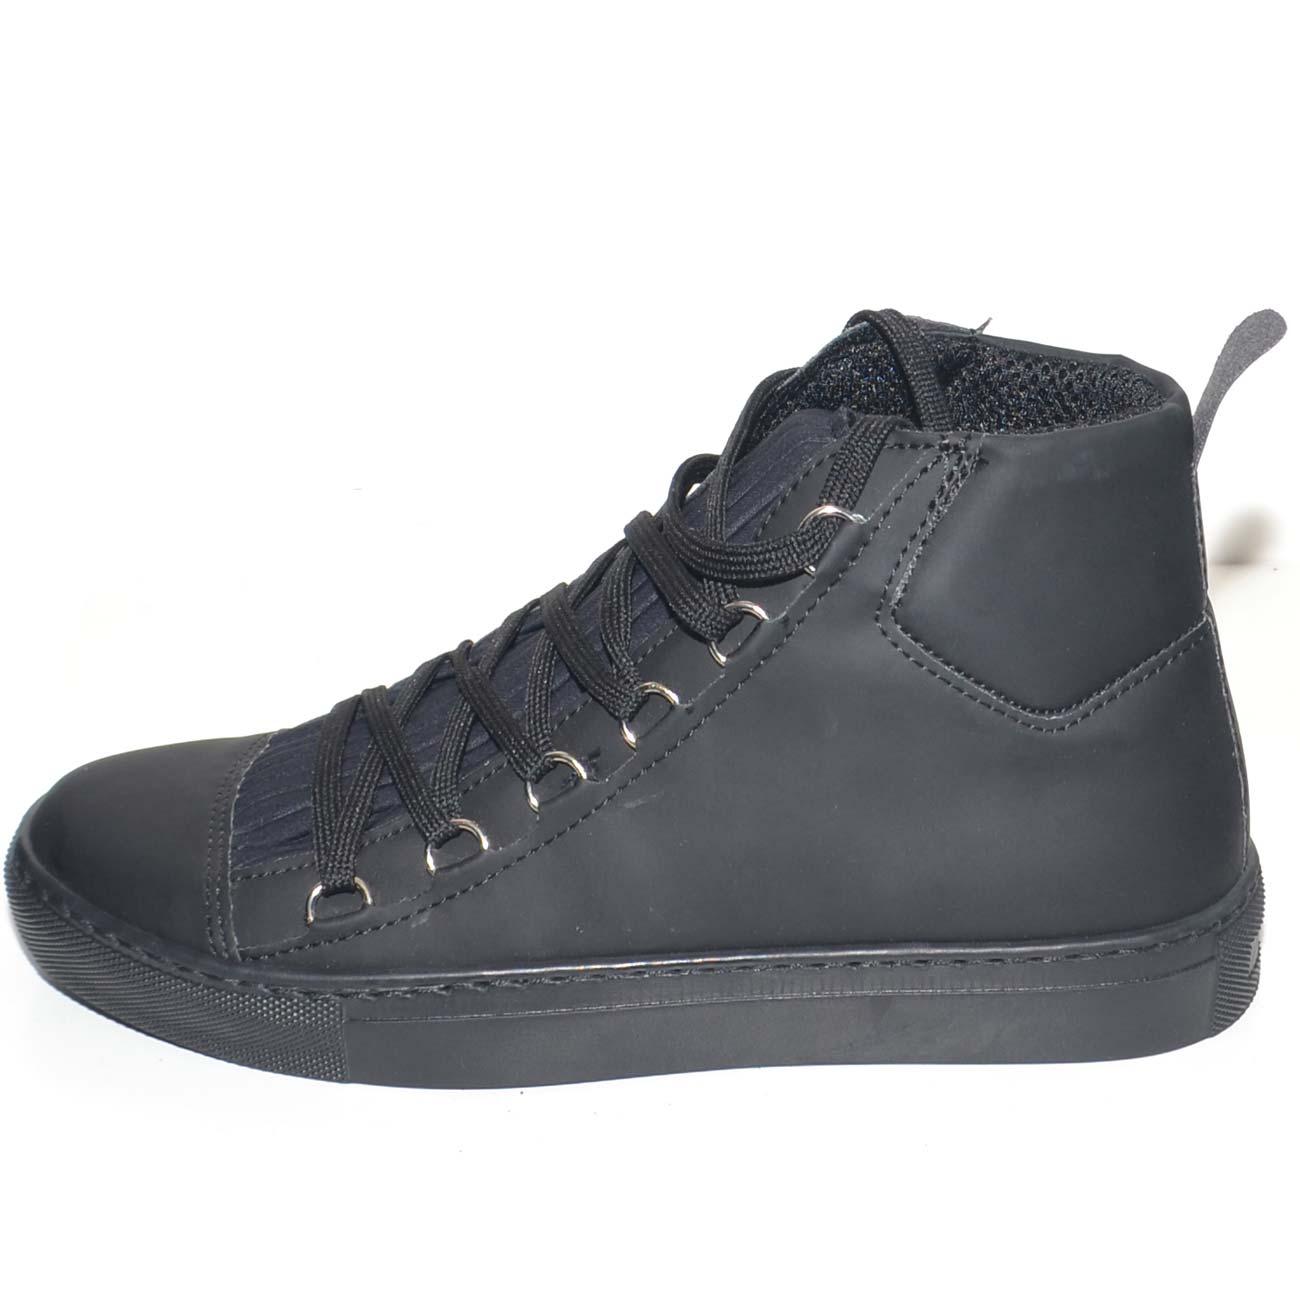 Sneakers alta in vera pelle gommata nera stringata con ganci linguetta in  adilprene fondo basic nero ad037410896